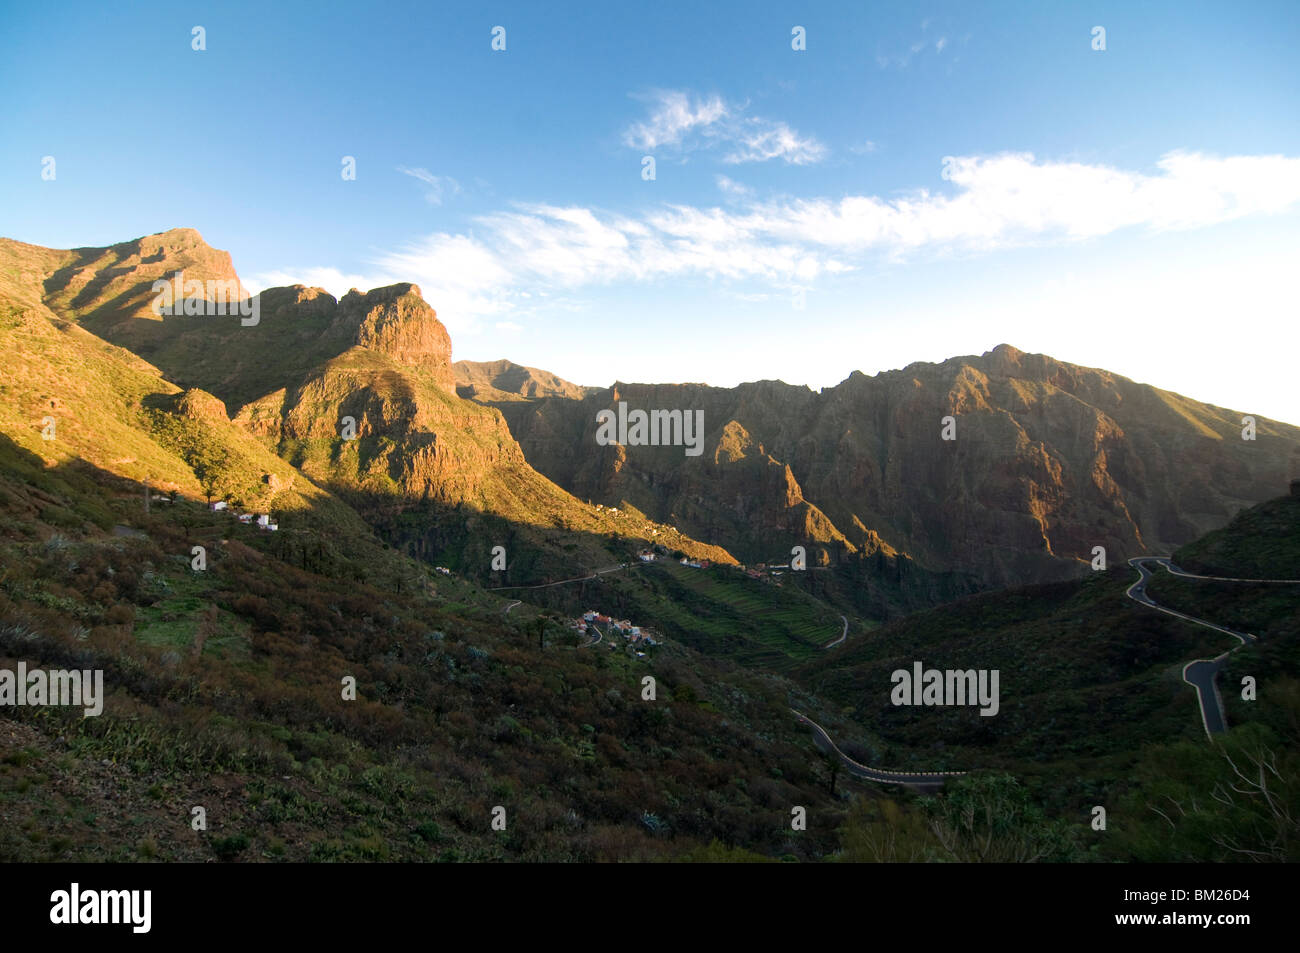 Das versteckte Tal von Masca bei Sonnenuntergang, Teneriffa, Kanarische Inseln, Spanien, Europa Stockbild